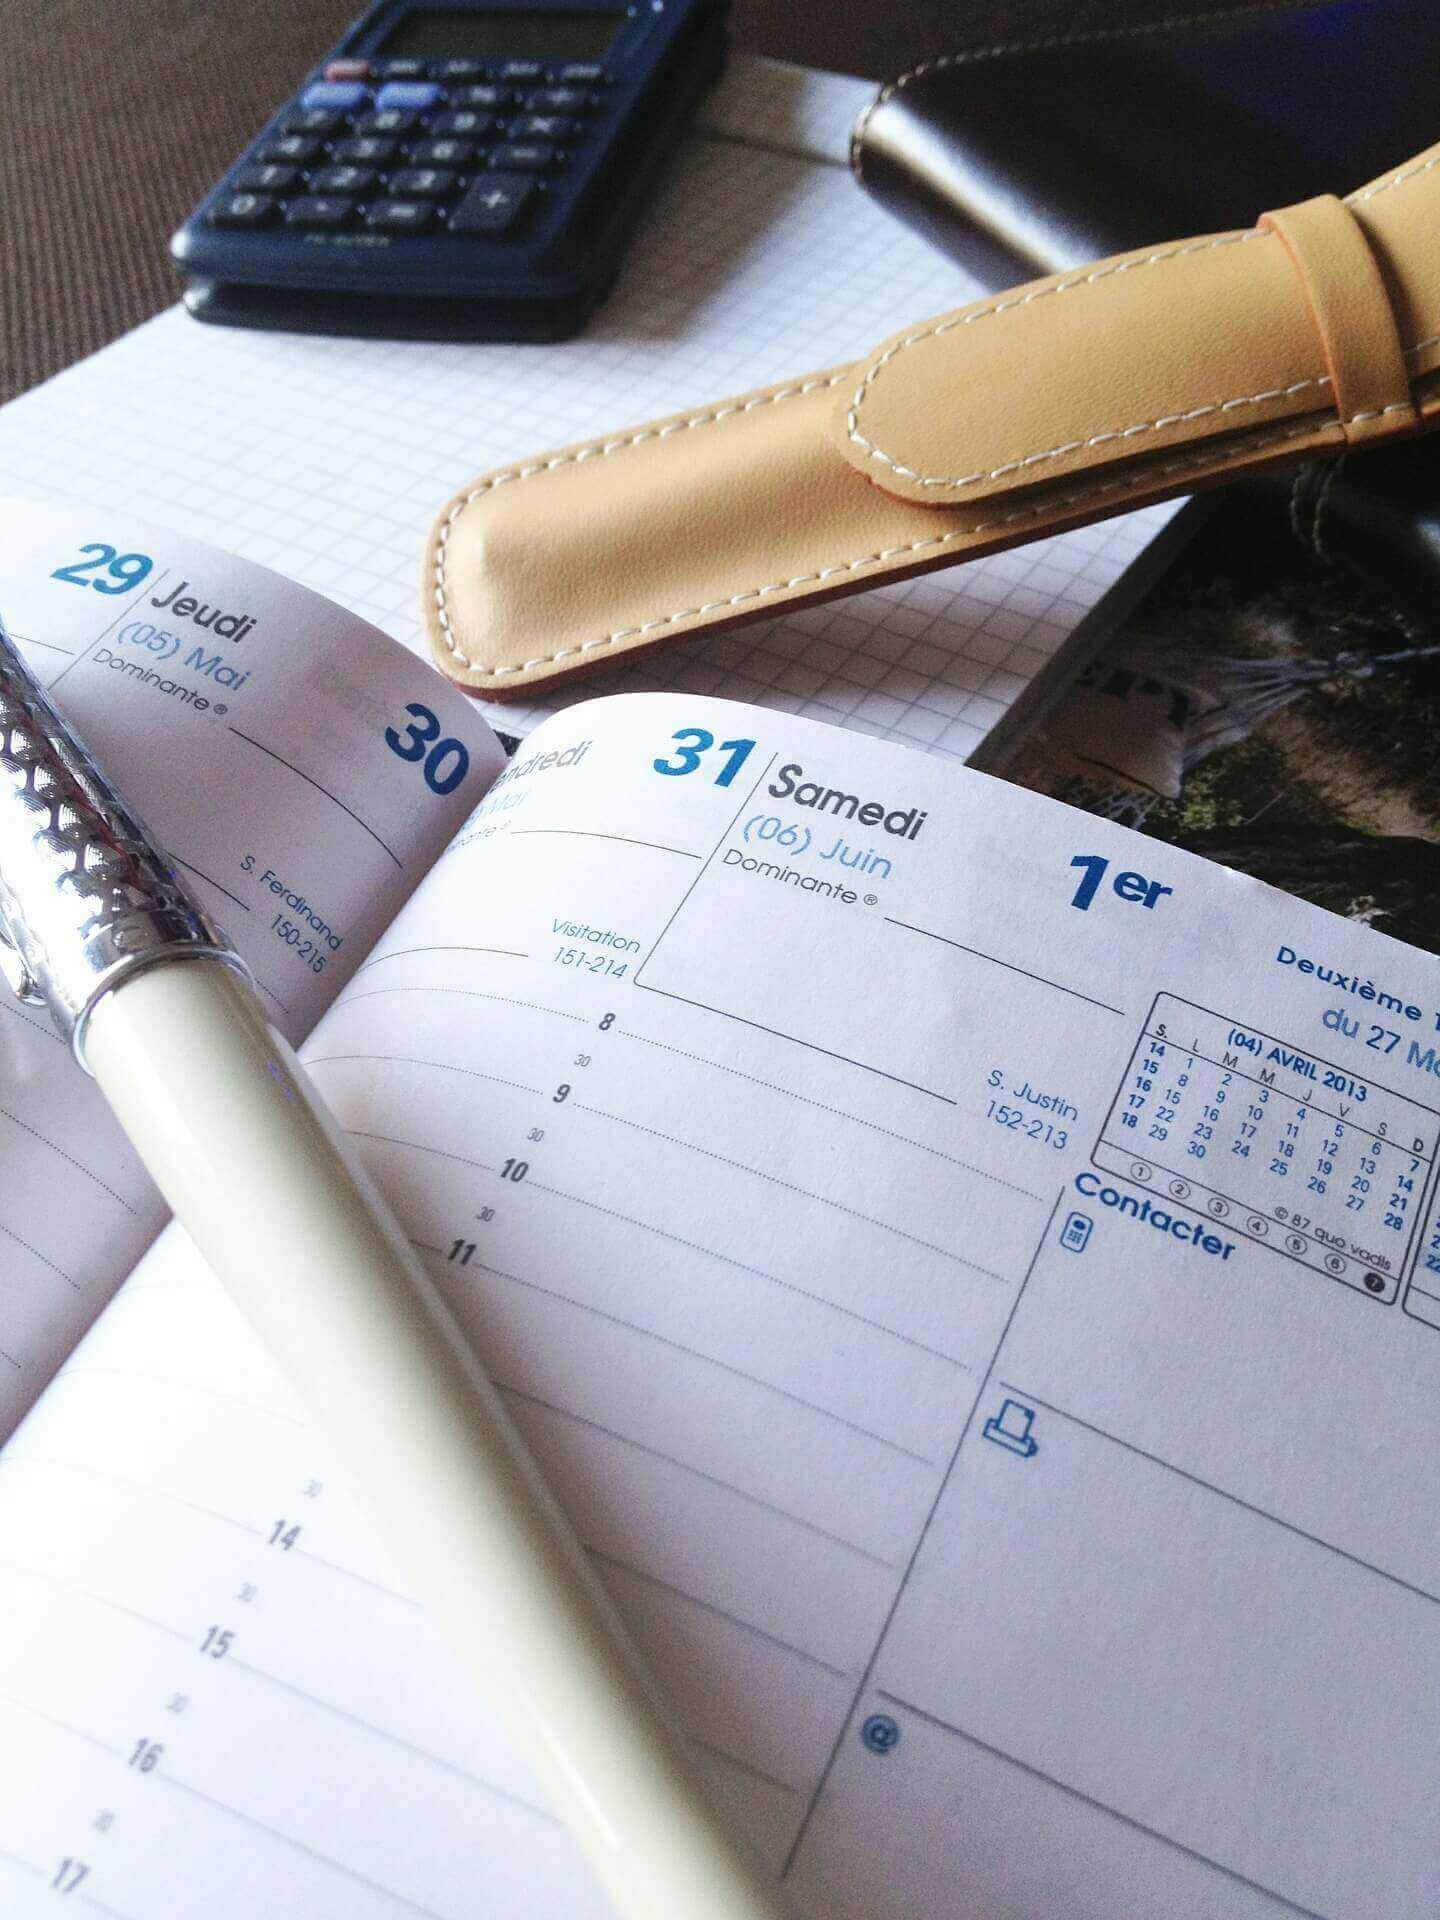 Escalas de trabalho. Quais são permitidas pela CLT?